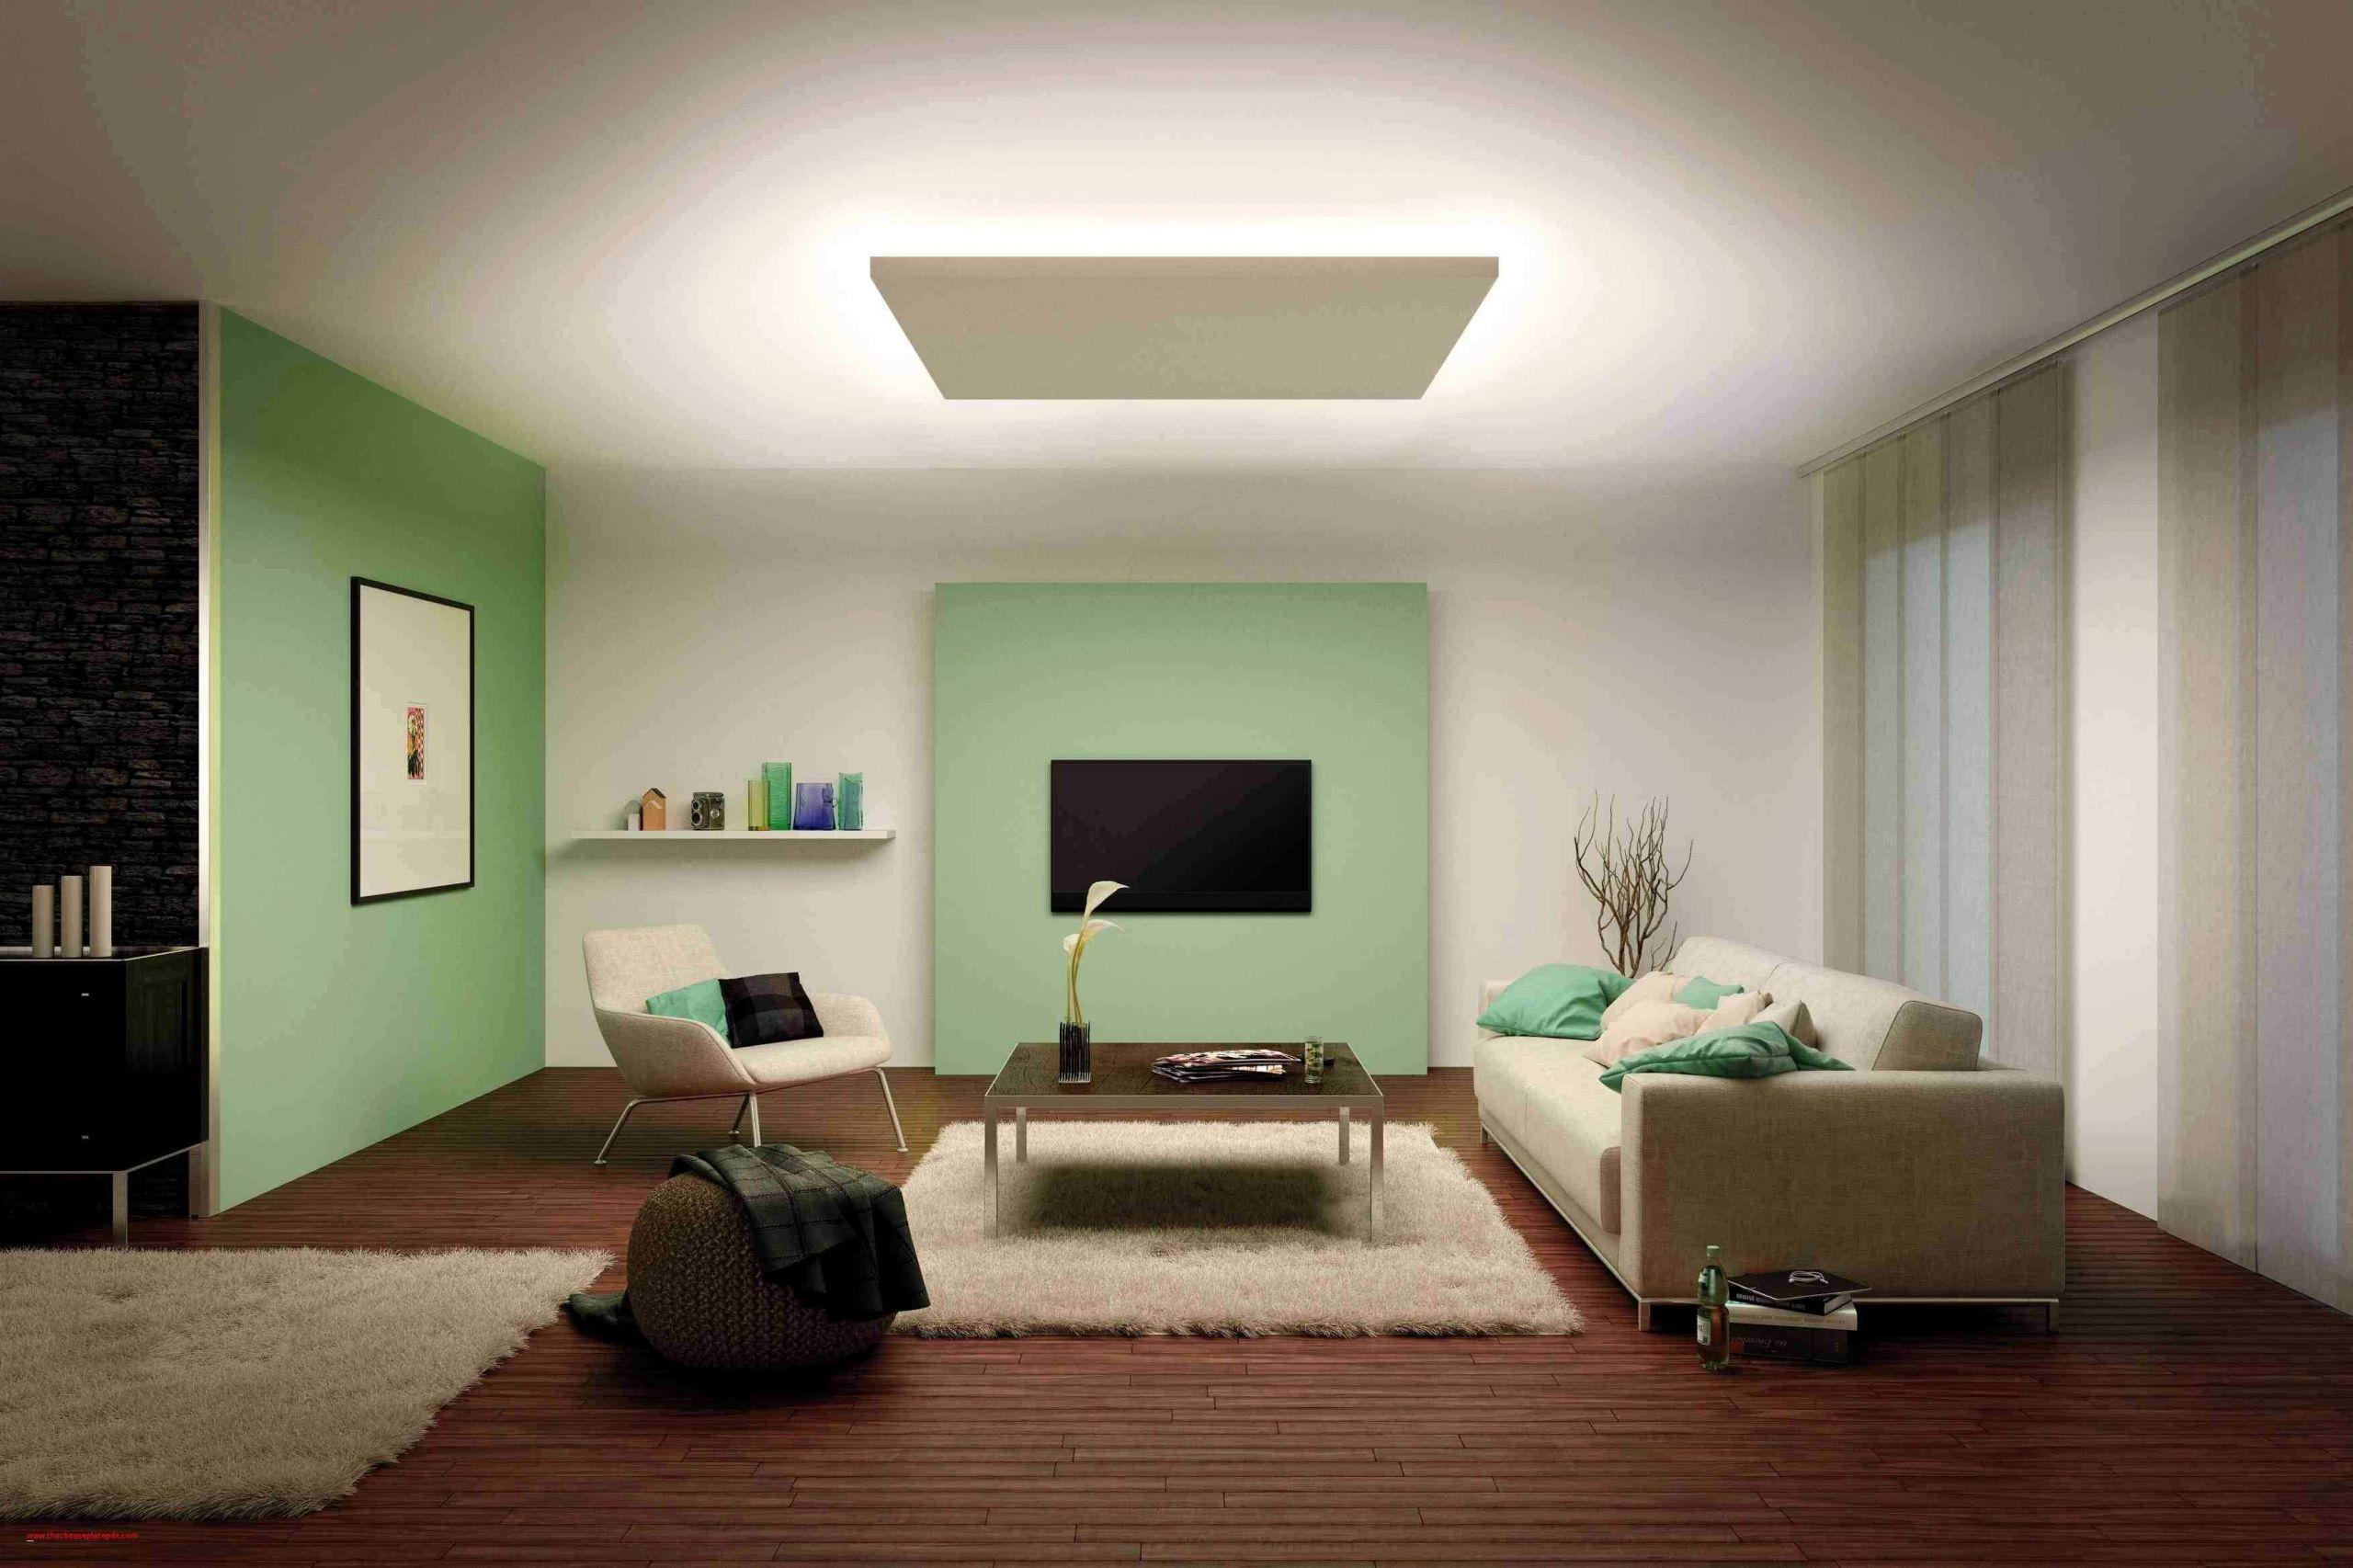 Full Size of Wohnzimmer Deckenleuchten Modern Ideen Deckenleuchte Led Messing Dimmbar Ikea Design Amazon Luxus Bilder Xxl Landhausstil Vorhang Stehlampen Tapete Tapeten Wohnzimmer Wohnzimmer Deckenleuchte